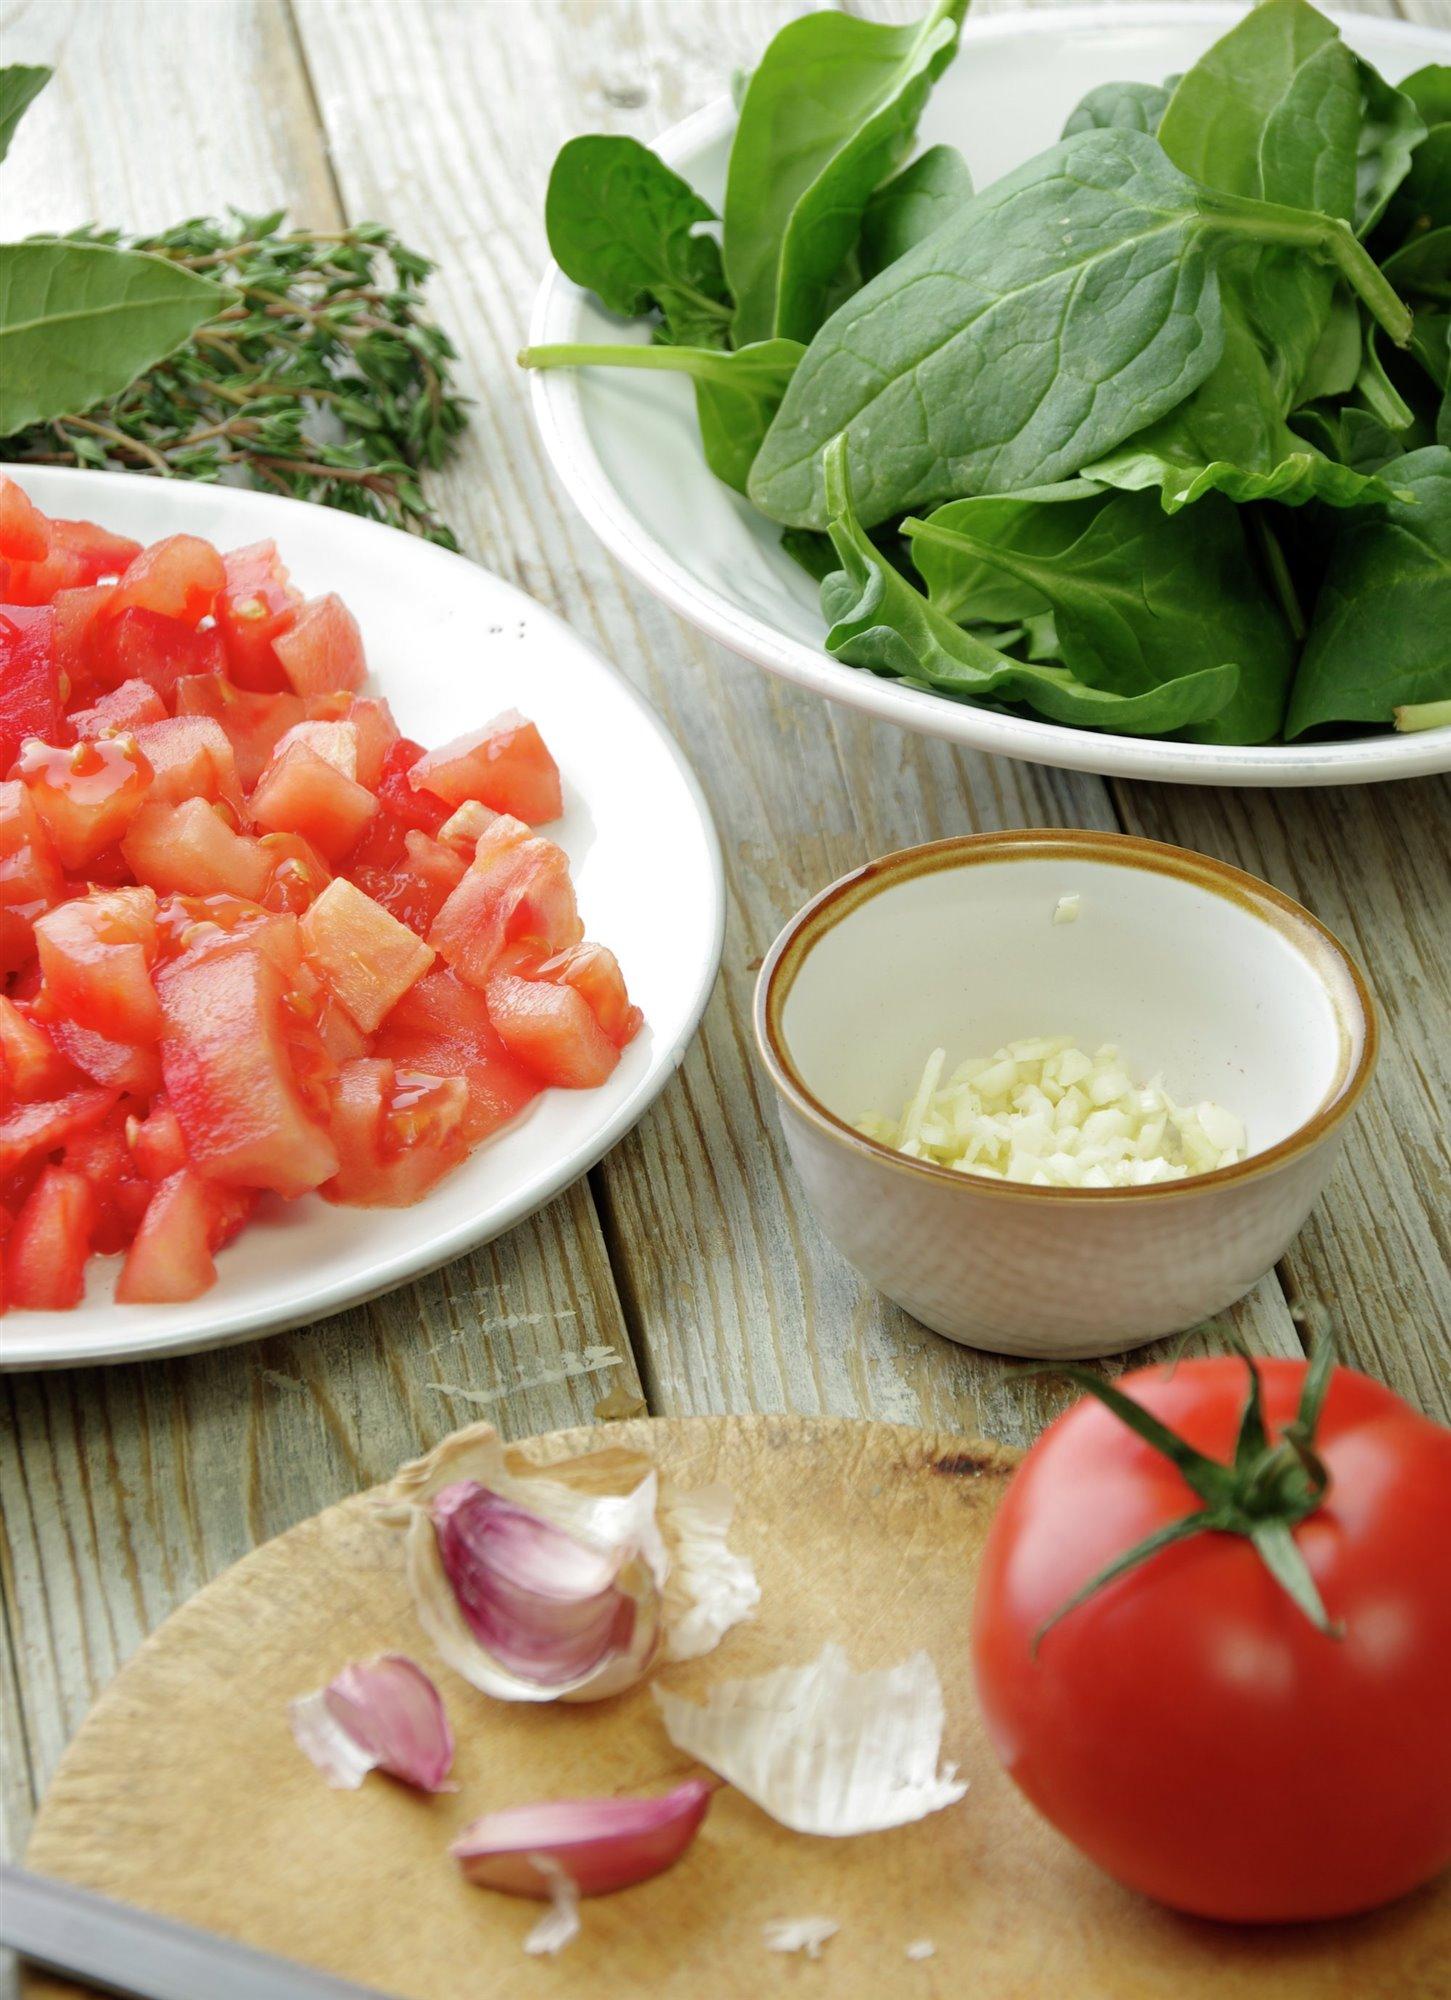 1. Prepara el ajo y el tomate